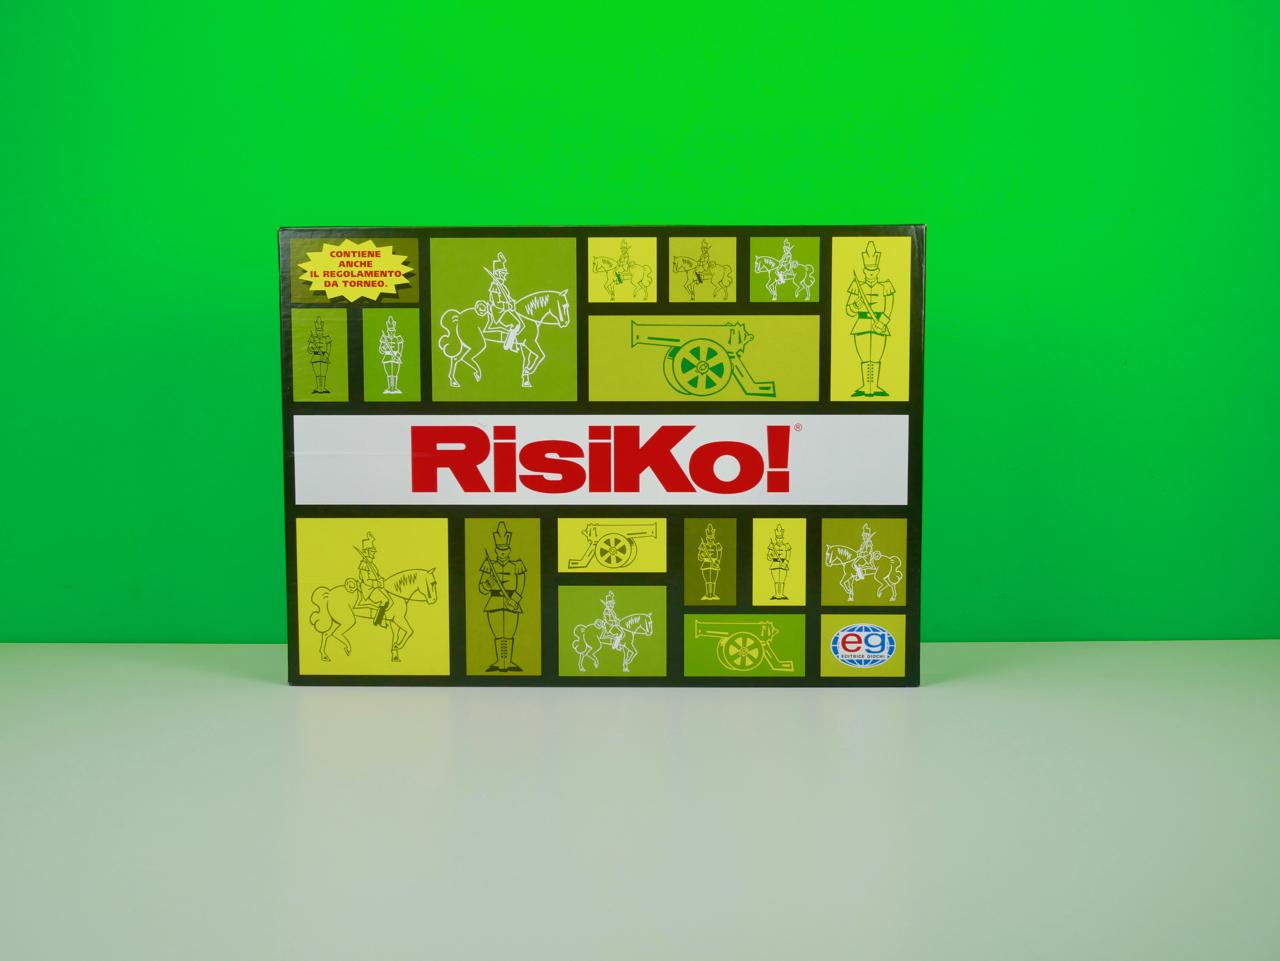 Risiko, Storia, Curiosità e Unboxing Italiano